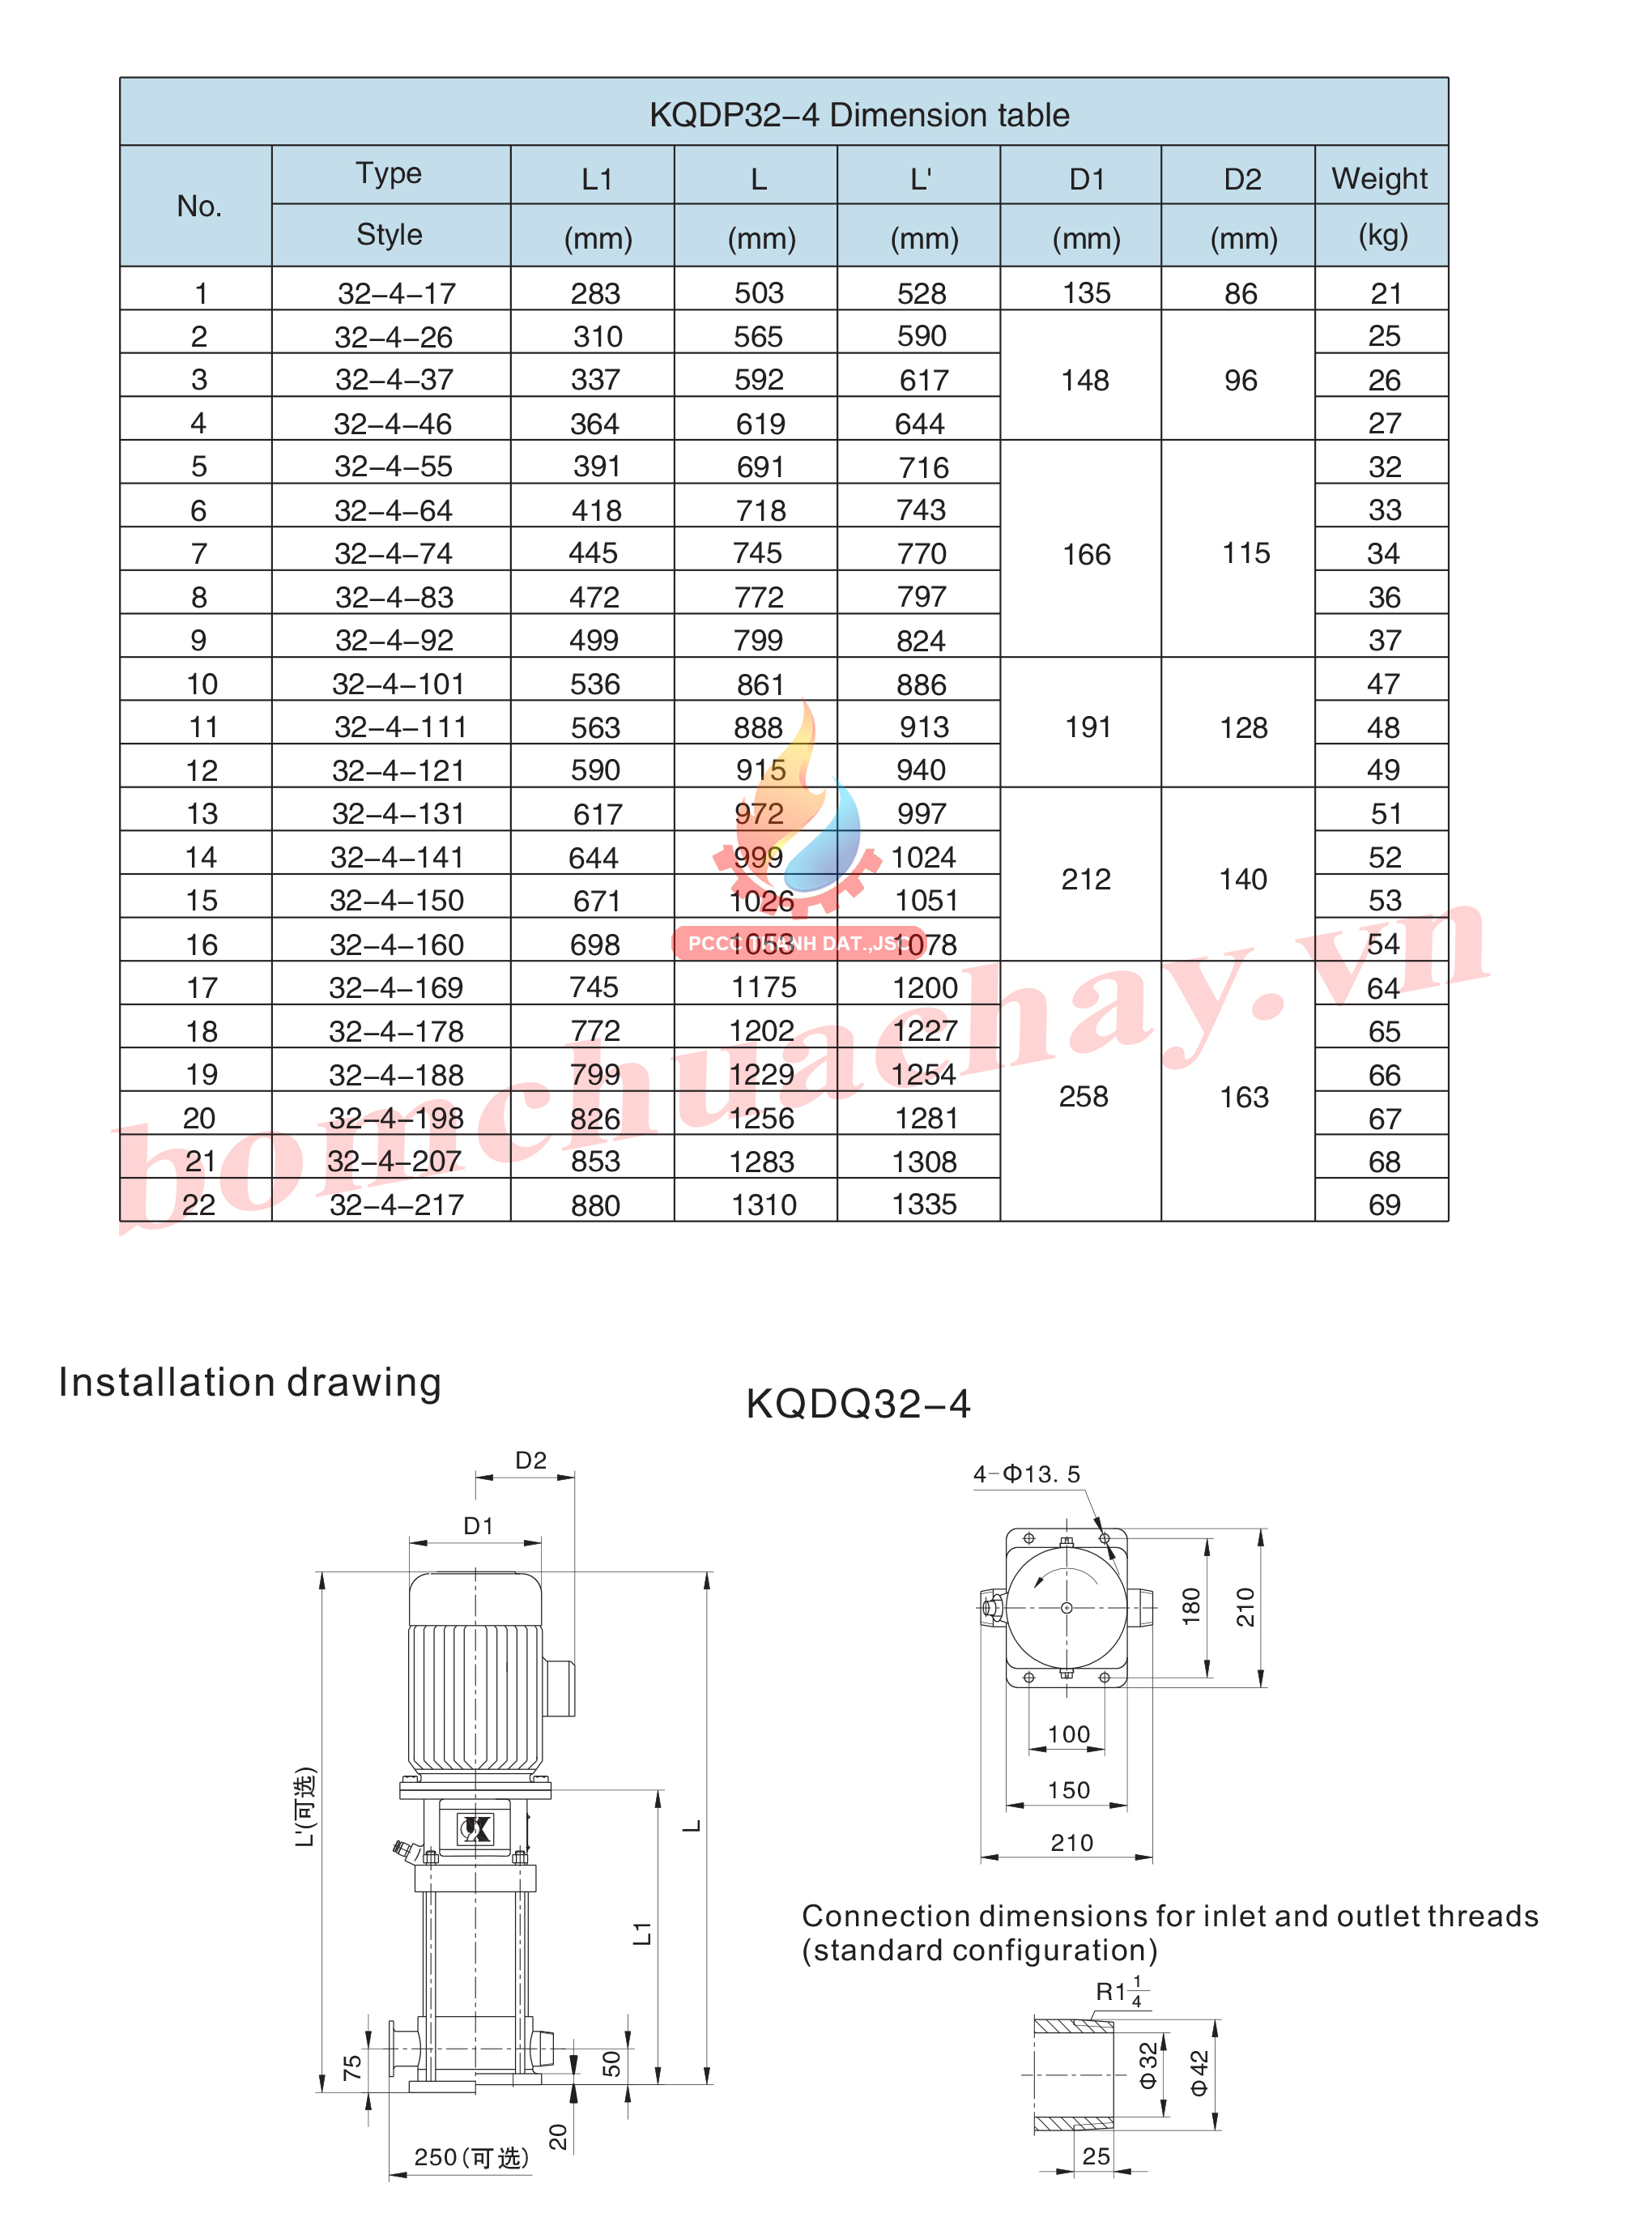 máy bơm bù áp KQDP/KQDQ32-4-37 1.5HP